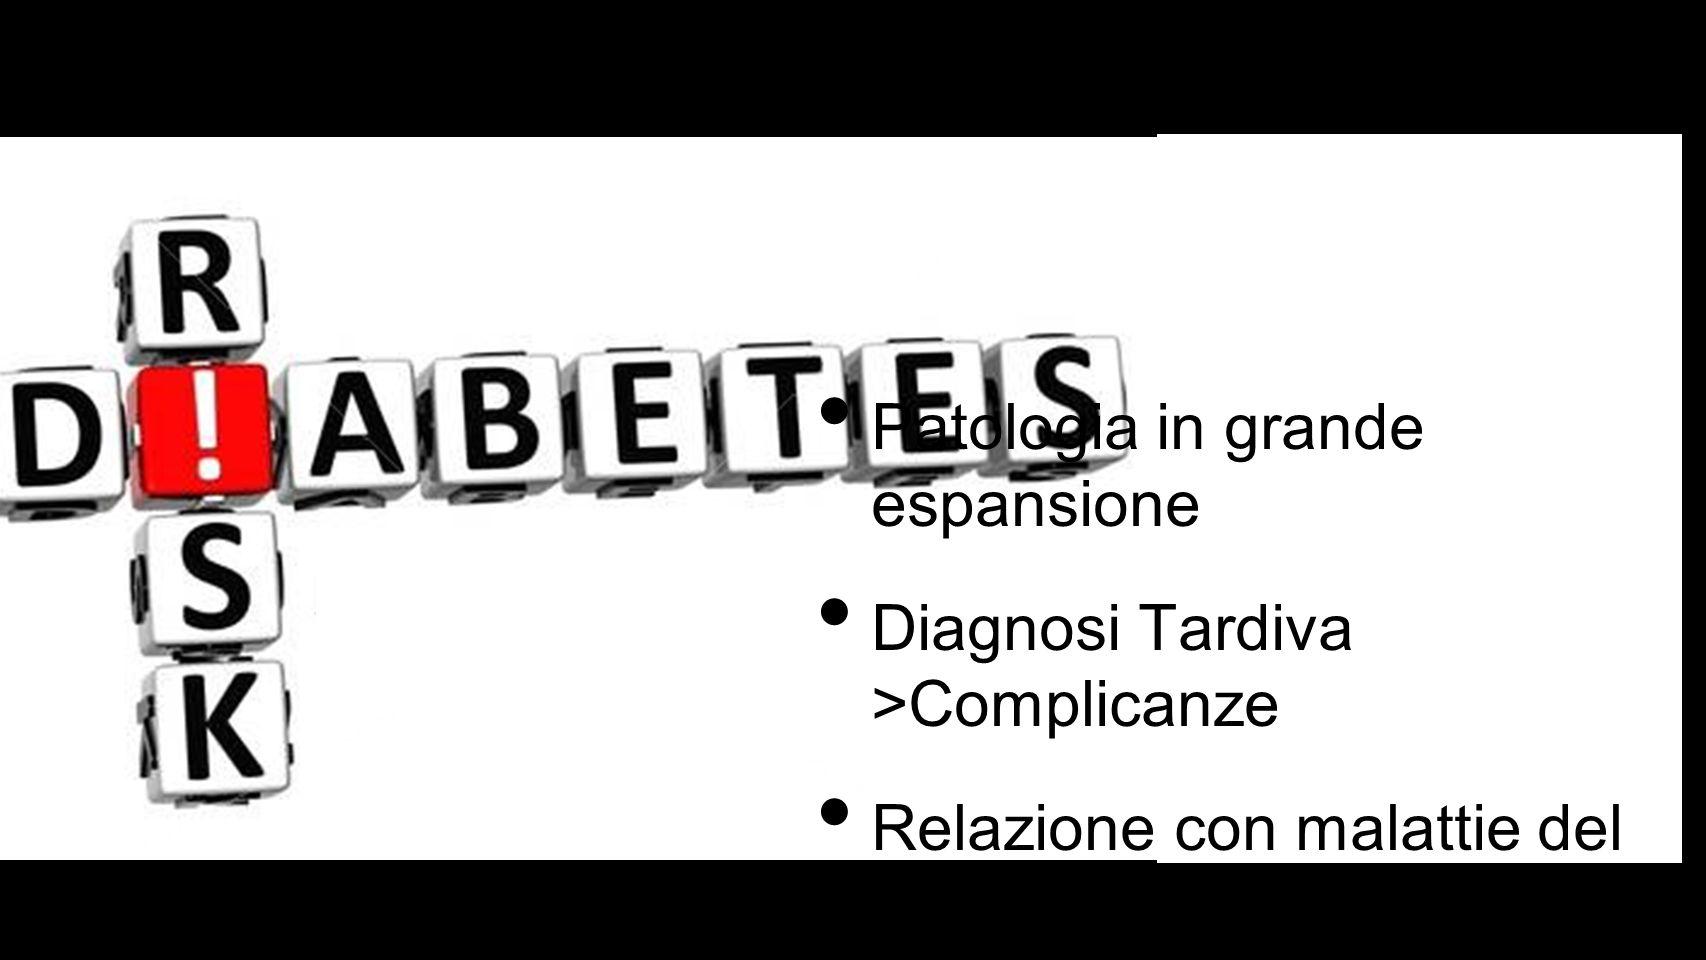 Patologia in grande espansione Diagnosi Tardiva >Complicanze Relazione con malattie del cavo orale (parodontite)